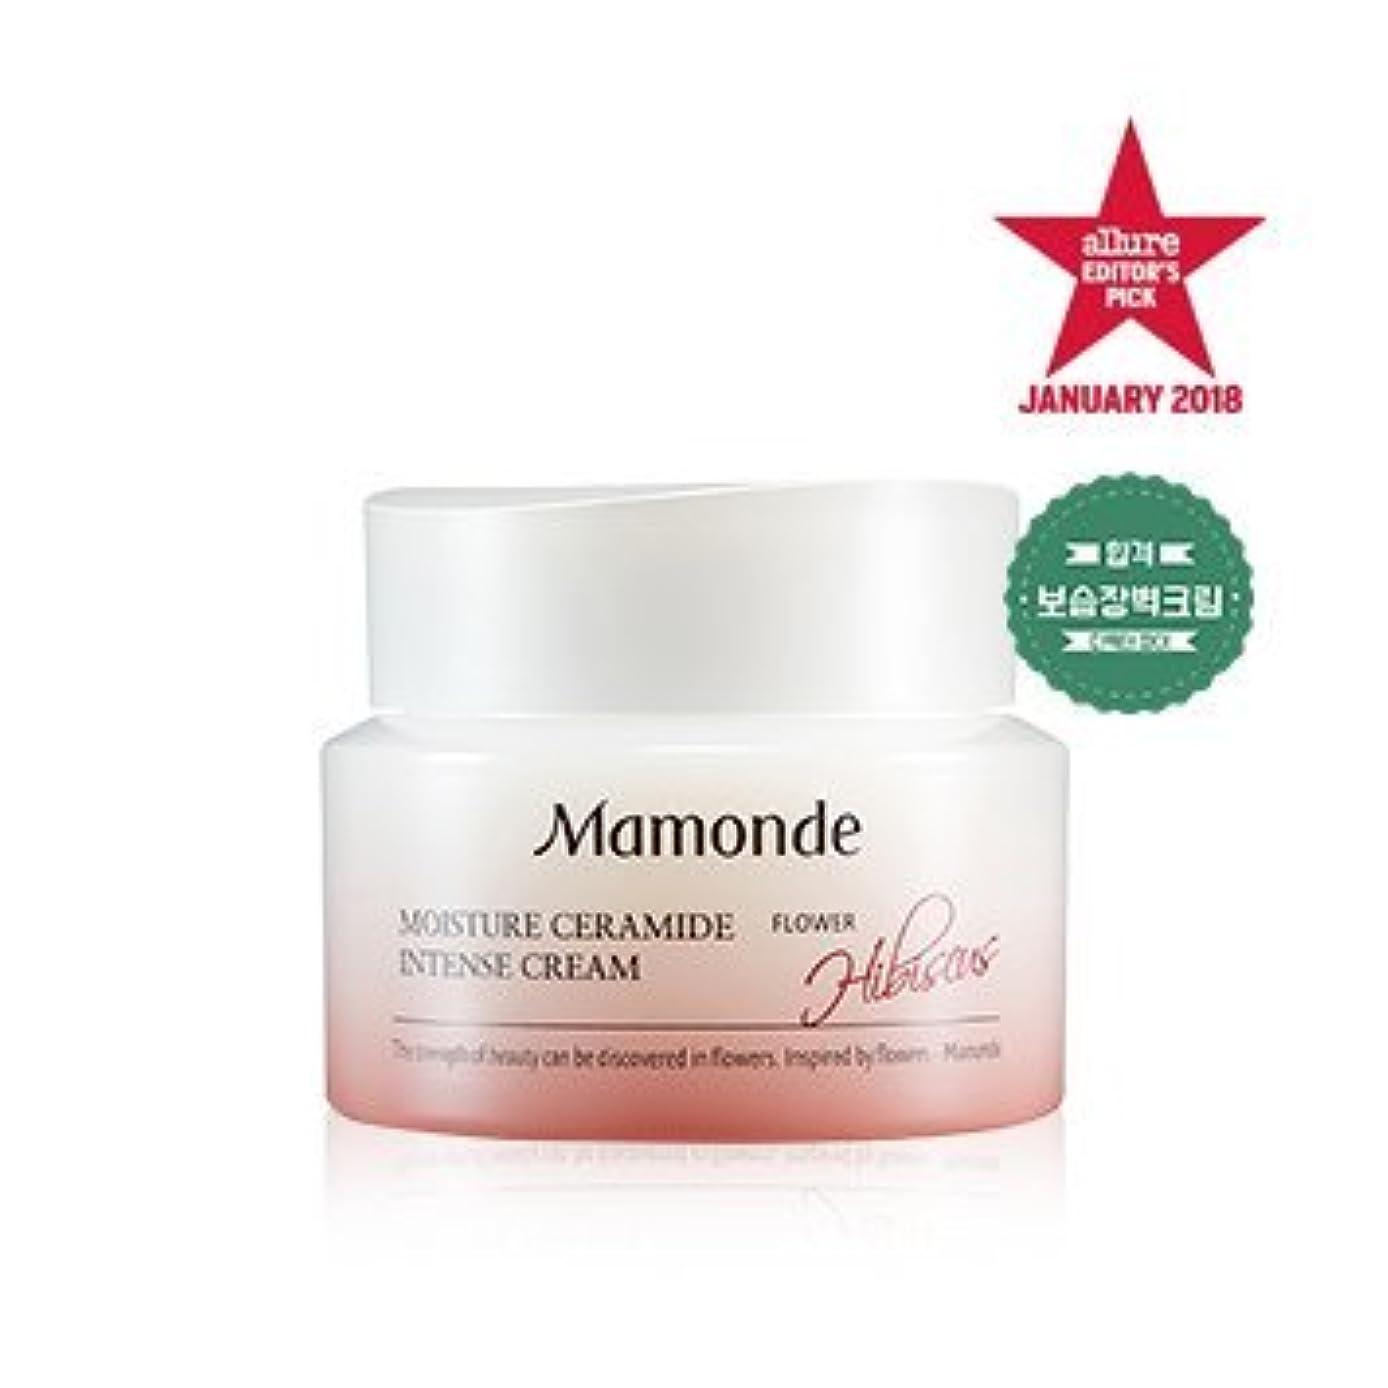 装置応援する髄[MAMONDE] モイスチャーセラミドインテンシブクリーム / Moisture Ceramide Intense cream 50ml [並行輸入品]